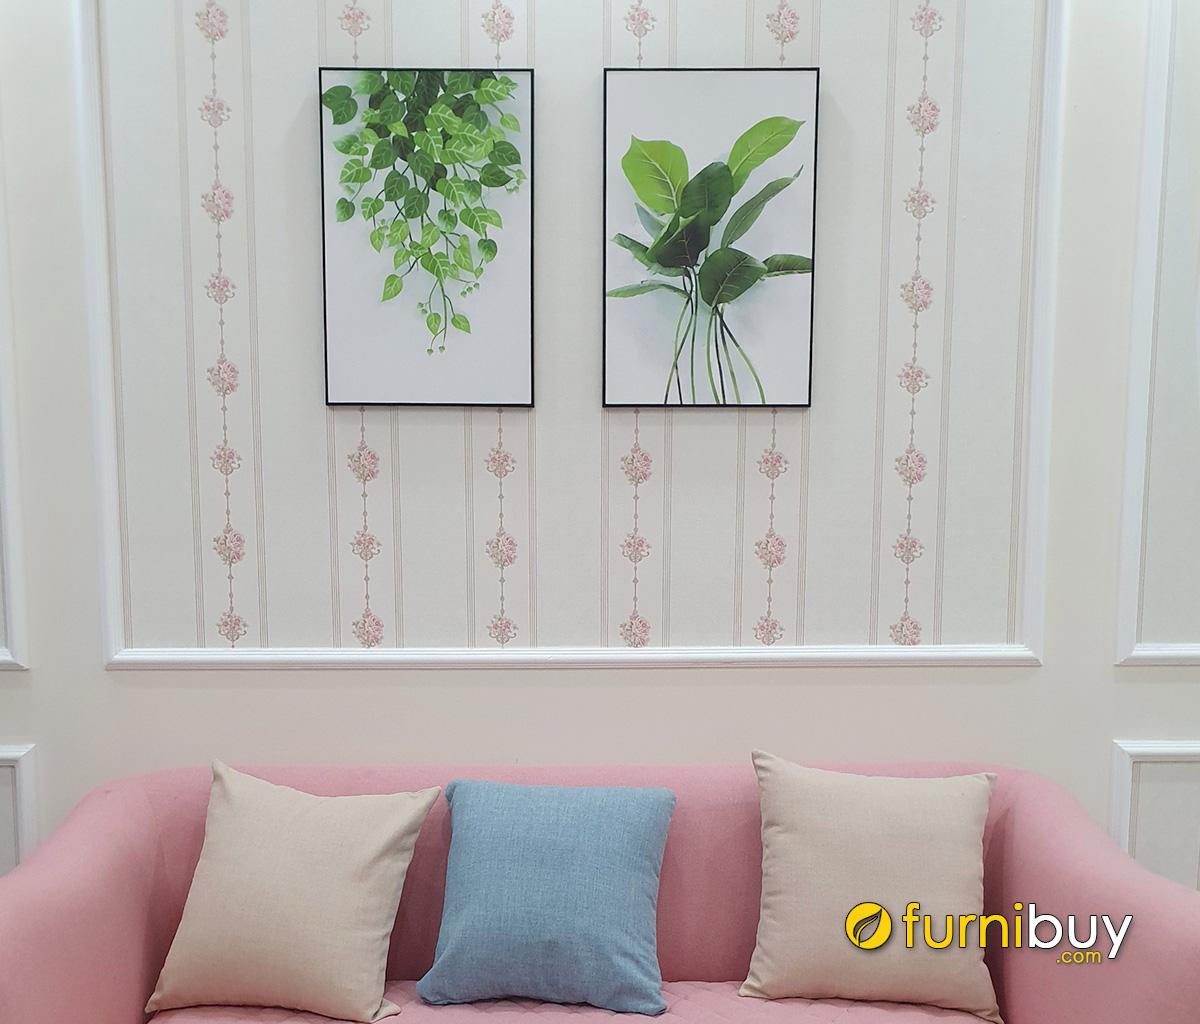 Hình ảnh Tranh lá cây treo tường phòng khách nhà cho thuê ghép bộ 2 tấm